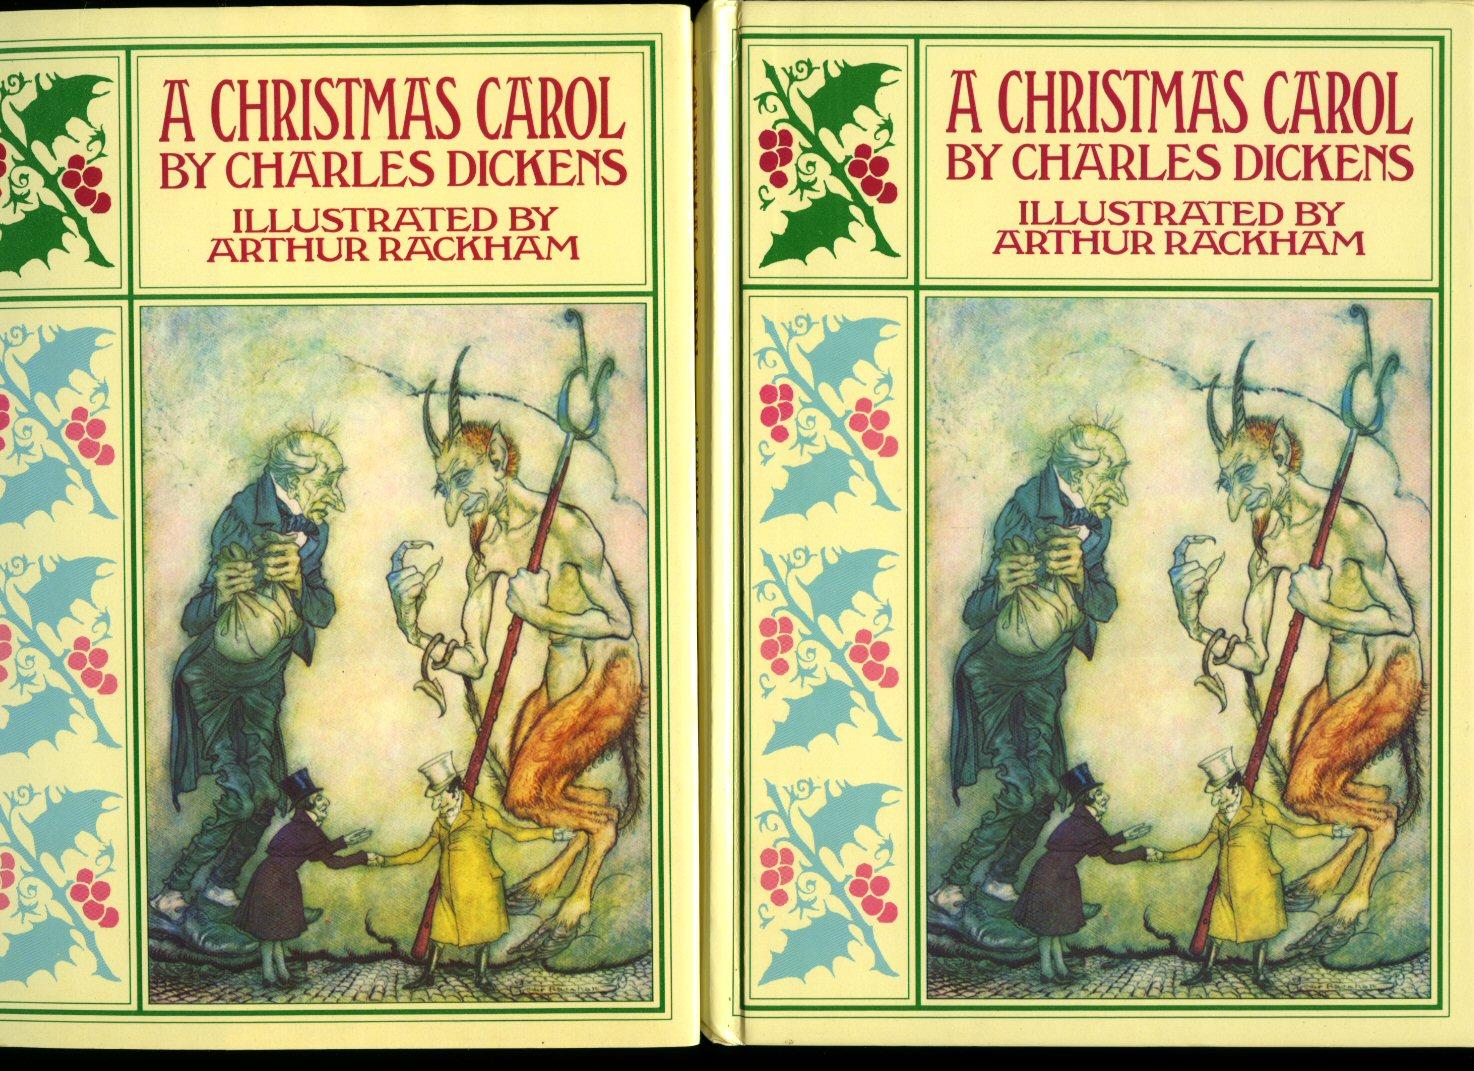 A christmas carol original book cover